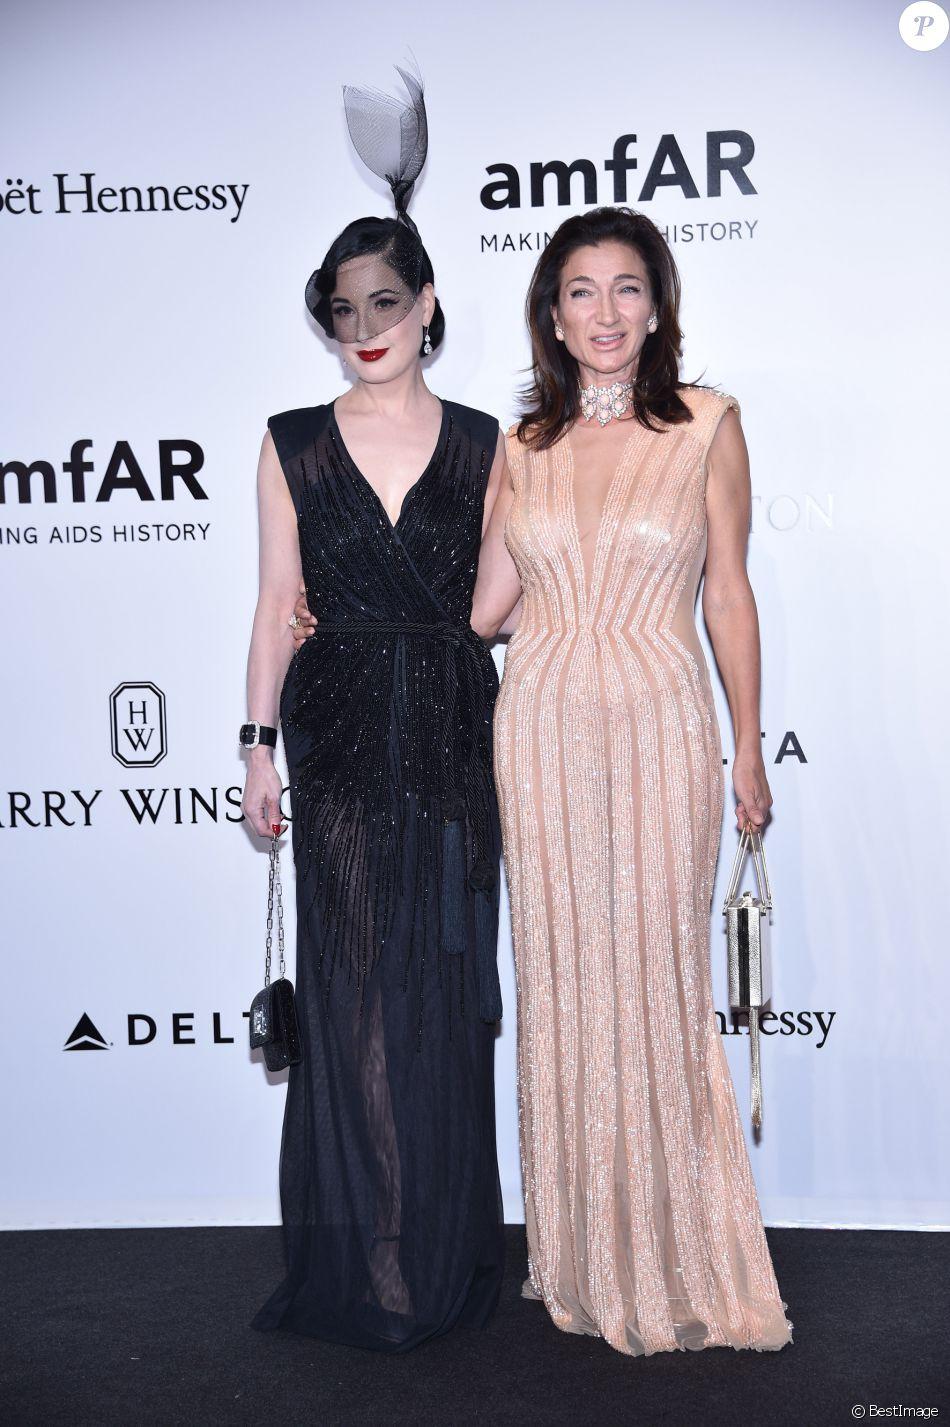 Dita von Teese et Elisabetta Franchi durant le photocall de la soirée AmfAR à Milan en Italie, le 24 septembre 2016